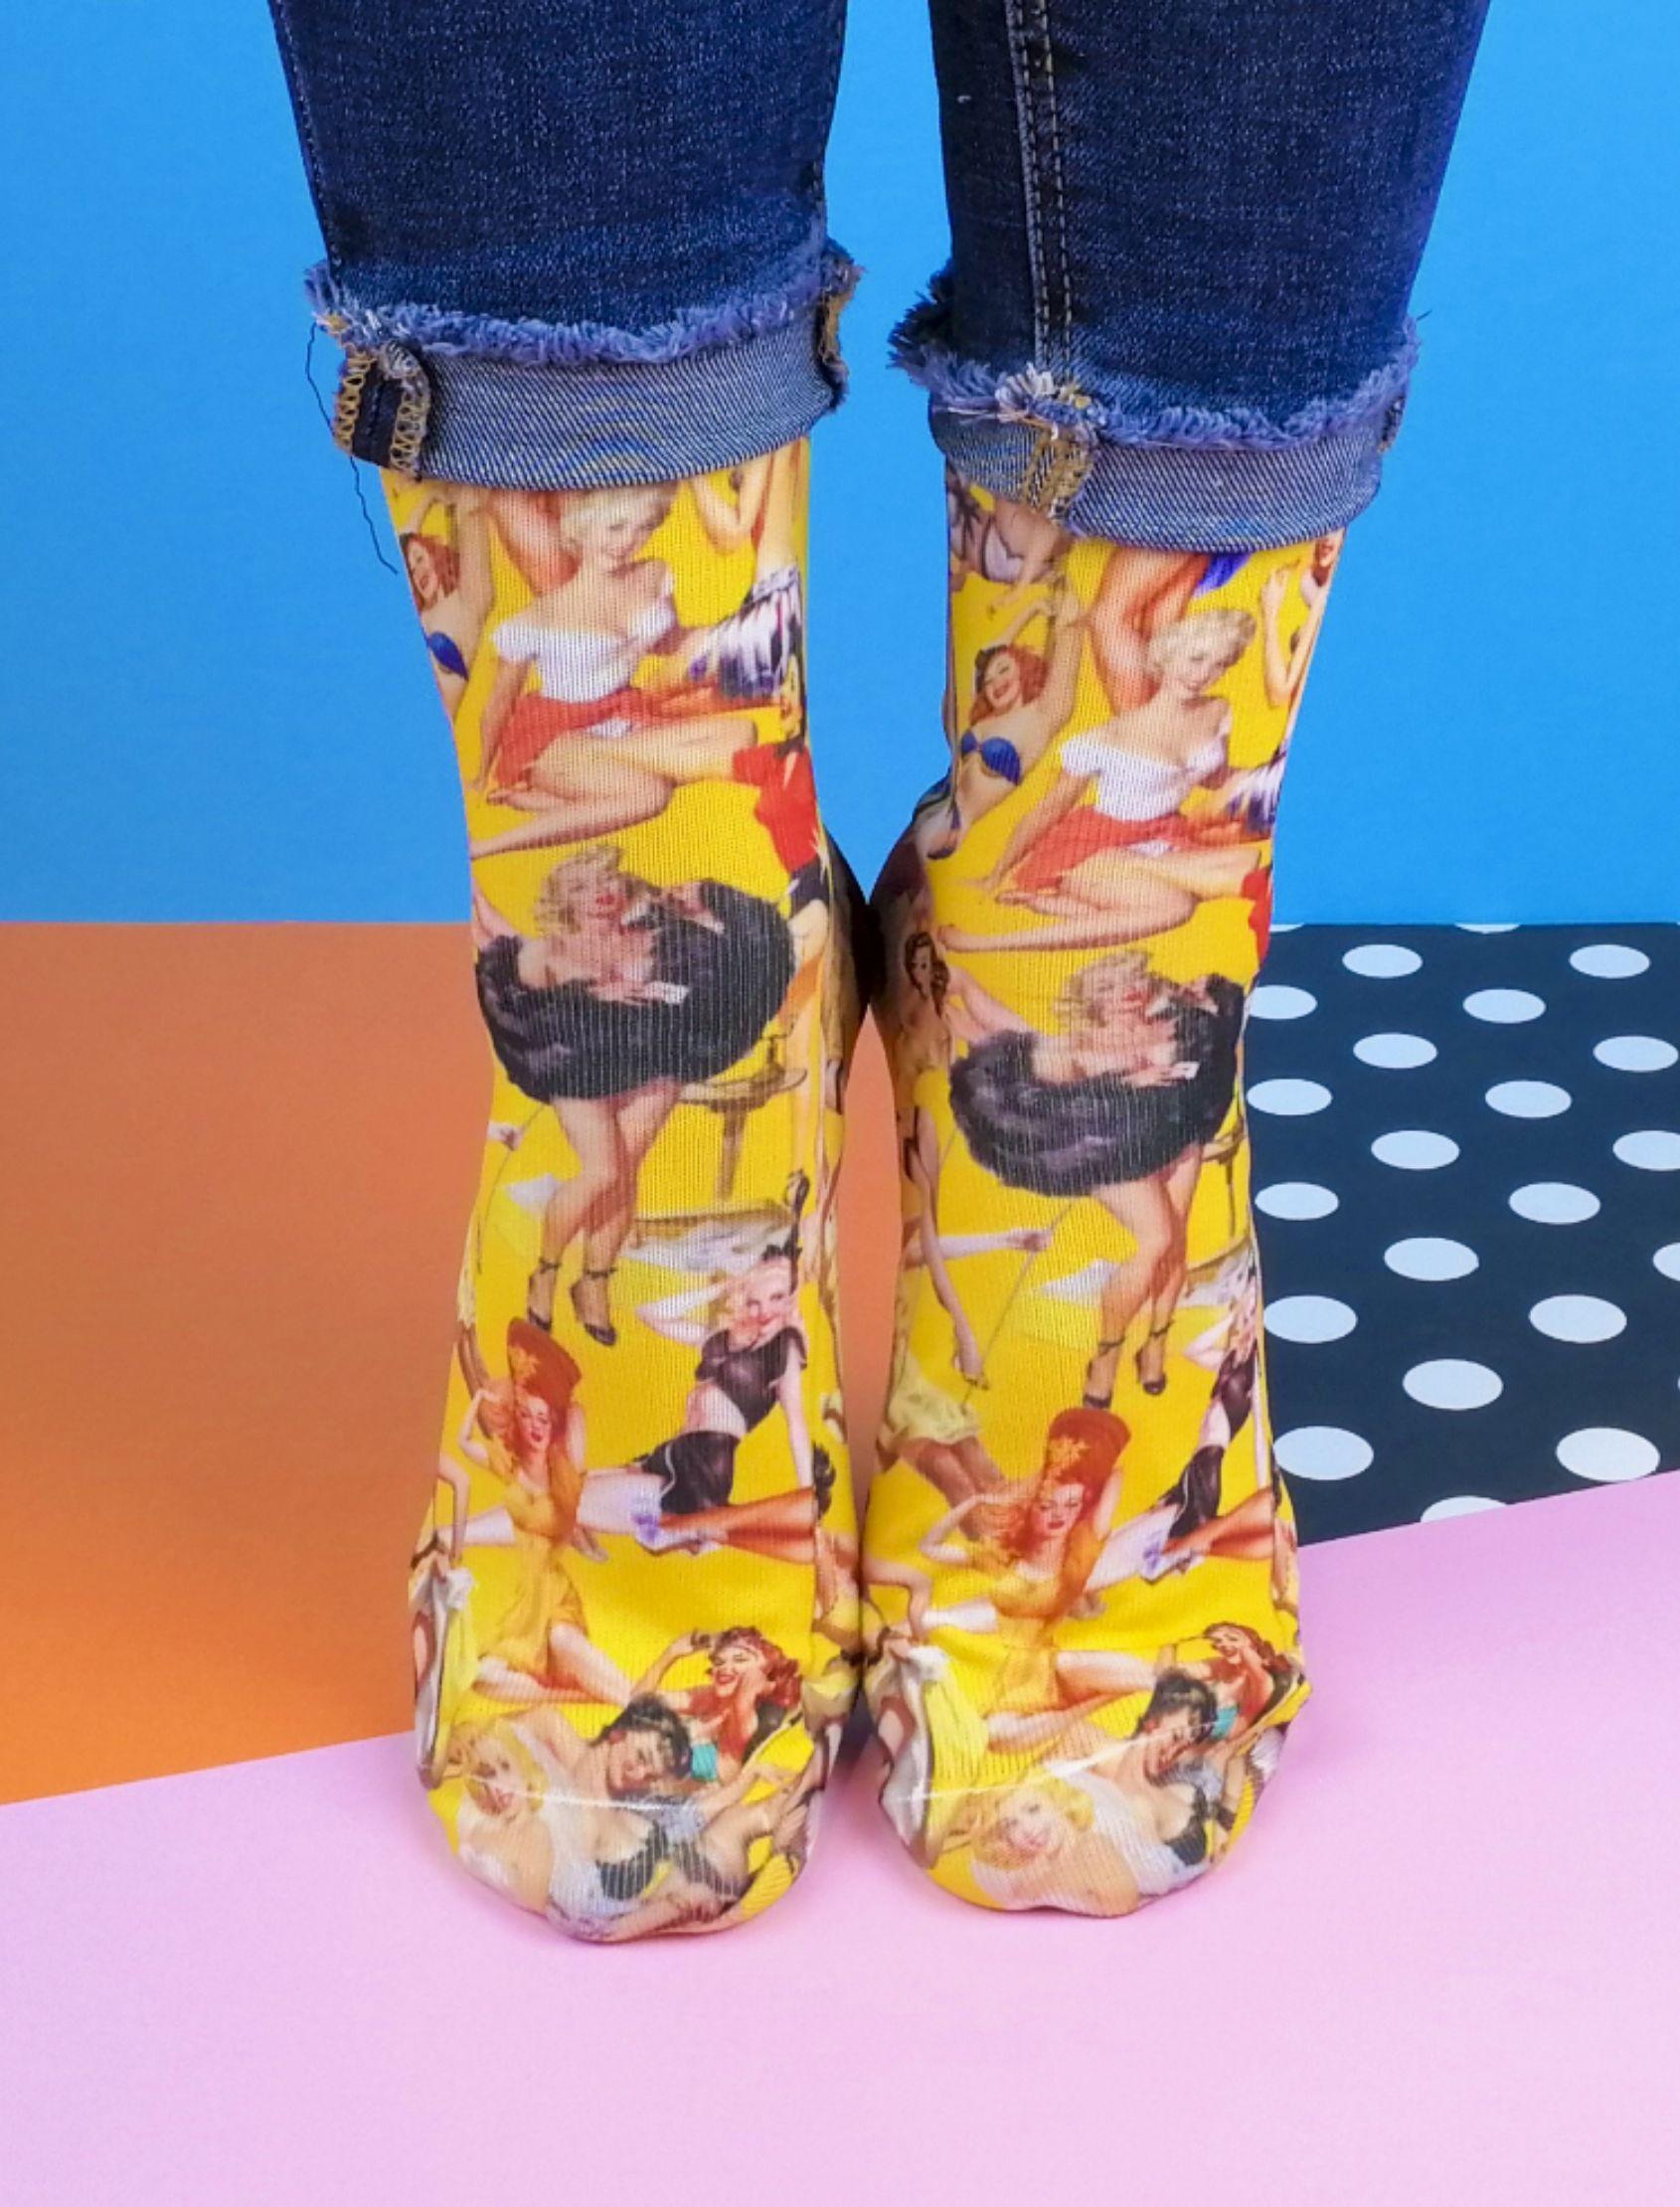 calcetines estampados con pin ups de colores y fondo amarillo